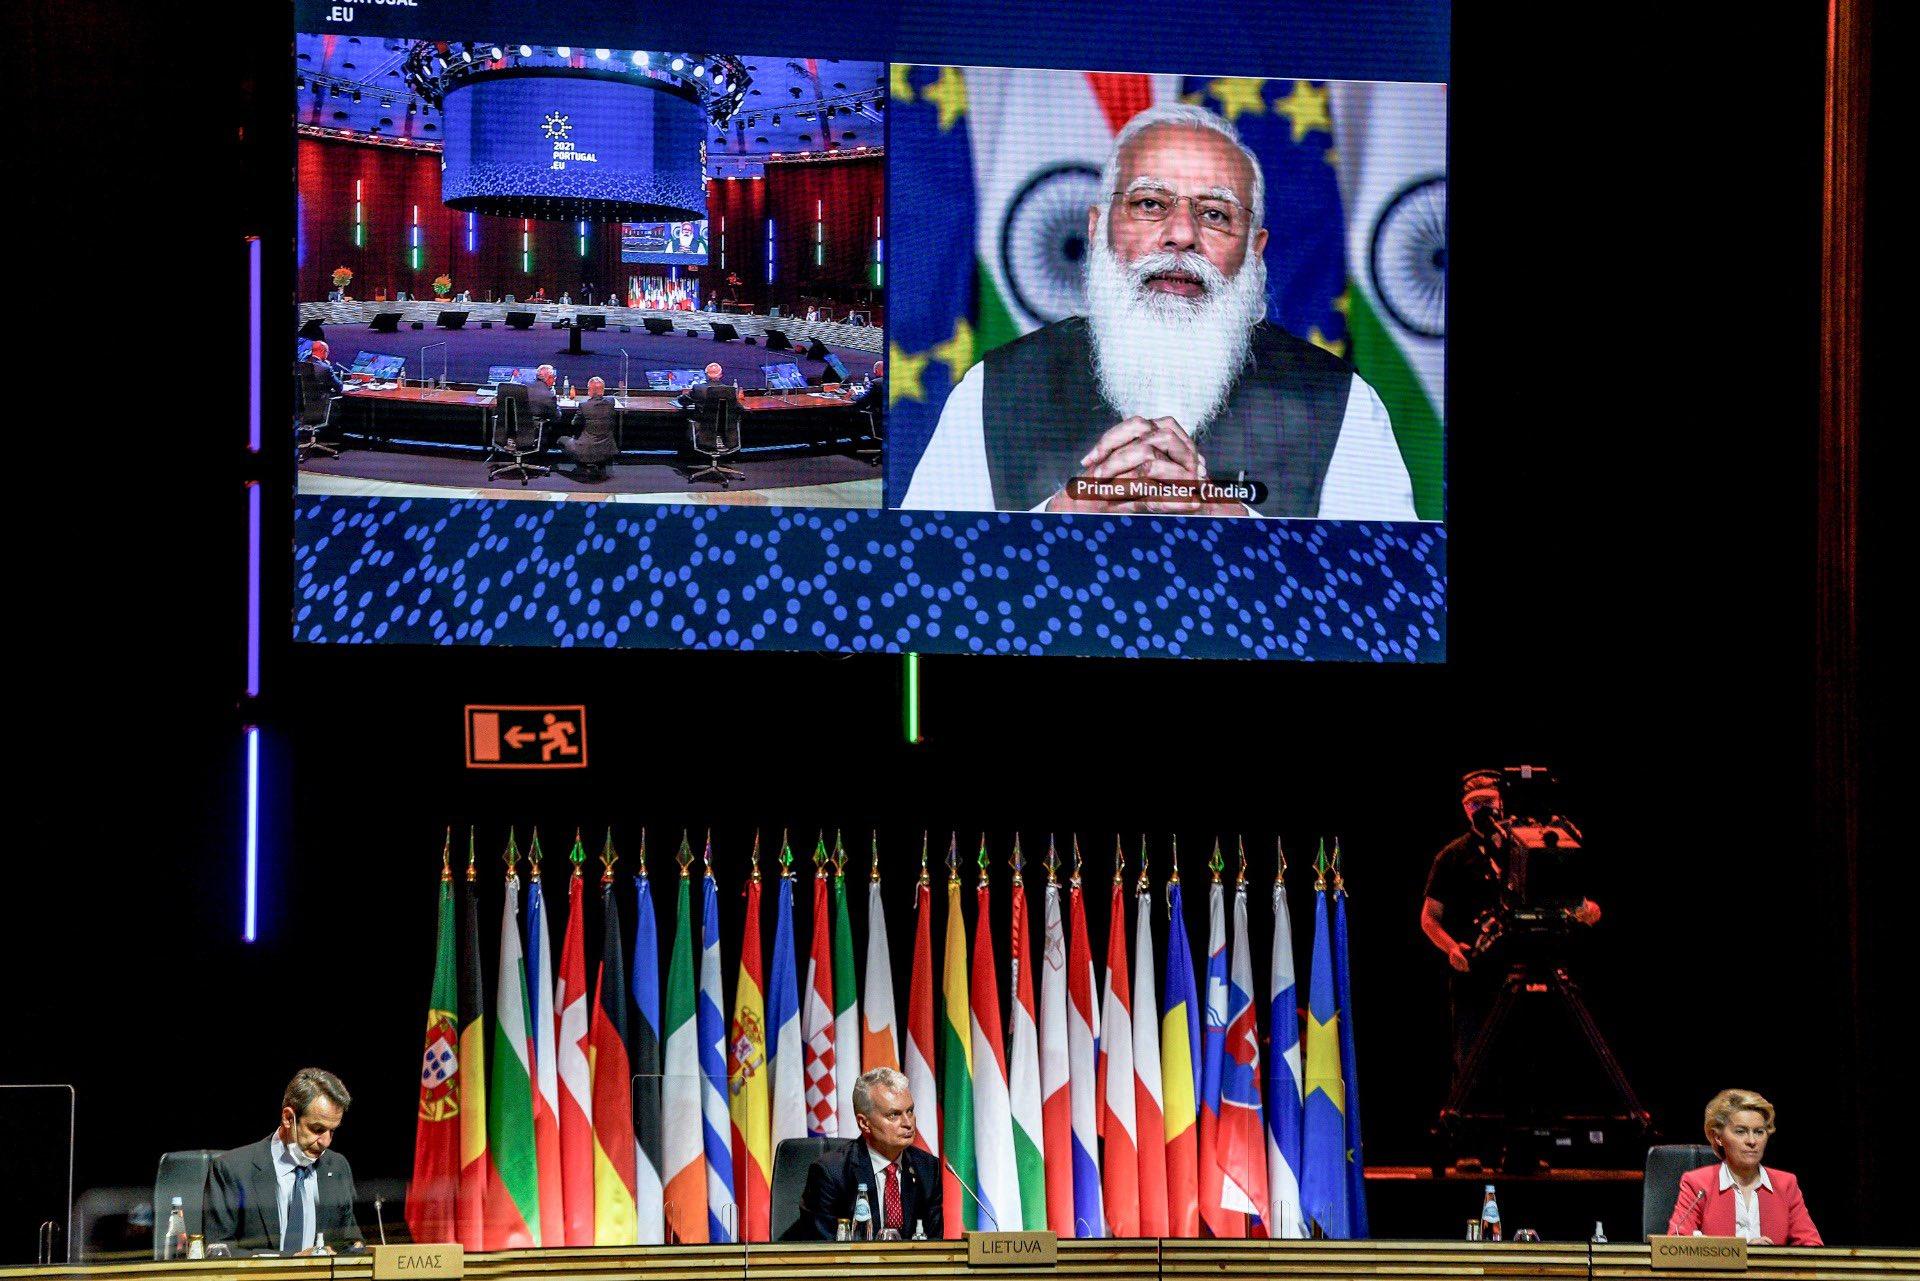 欧盟领导人与印度总理举行视频会晤